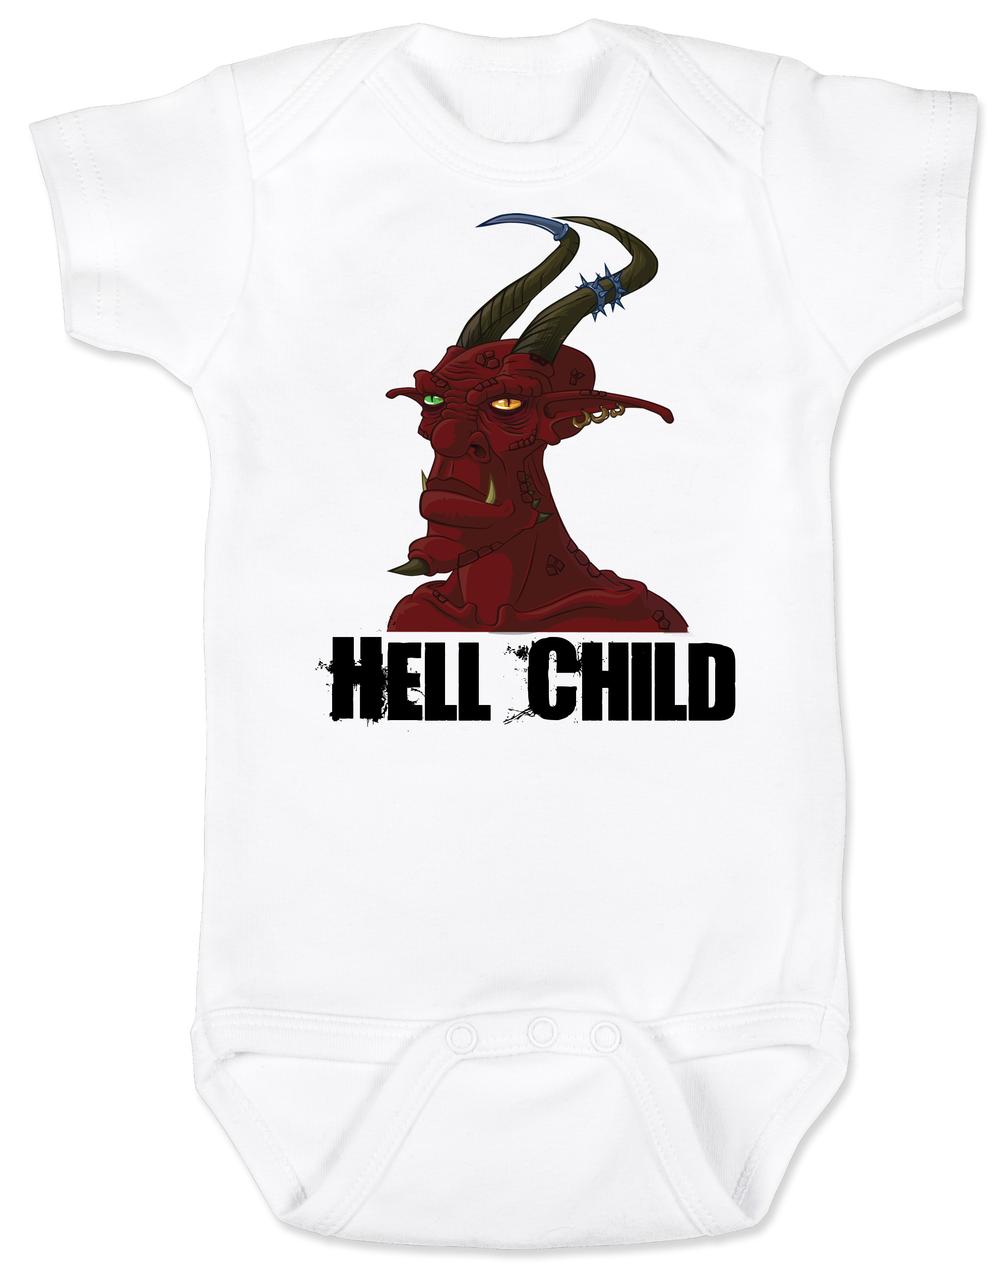 Hell Child Baby Onesie